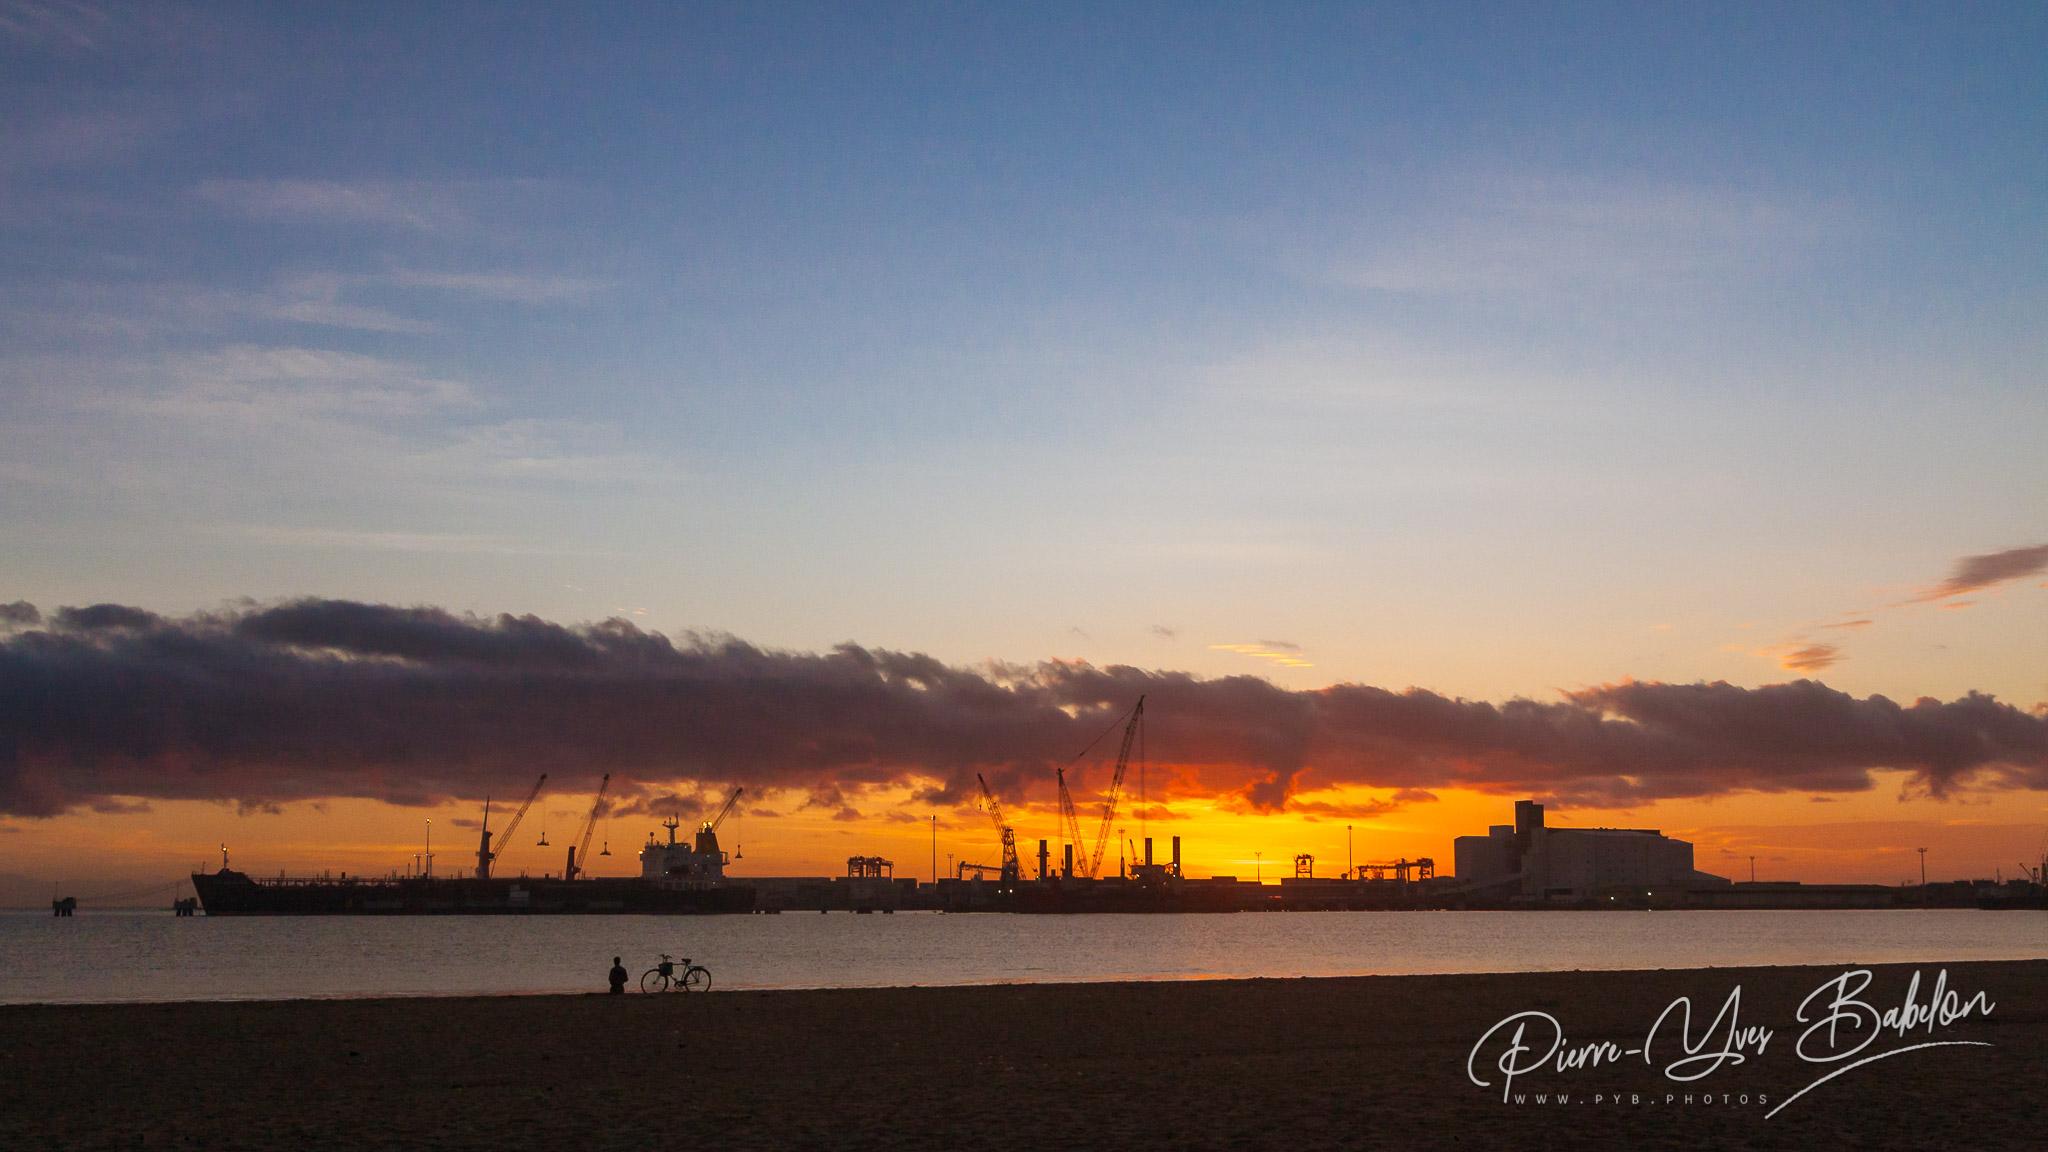 Sunrise on the port of Toamasina